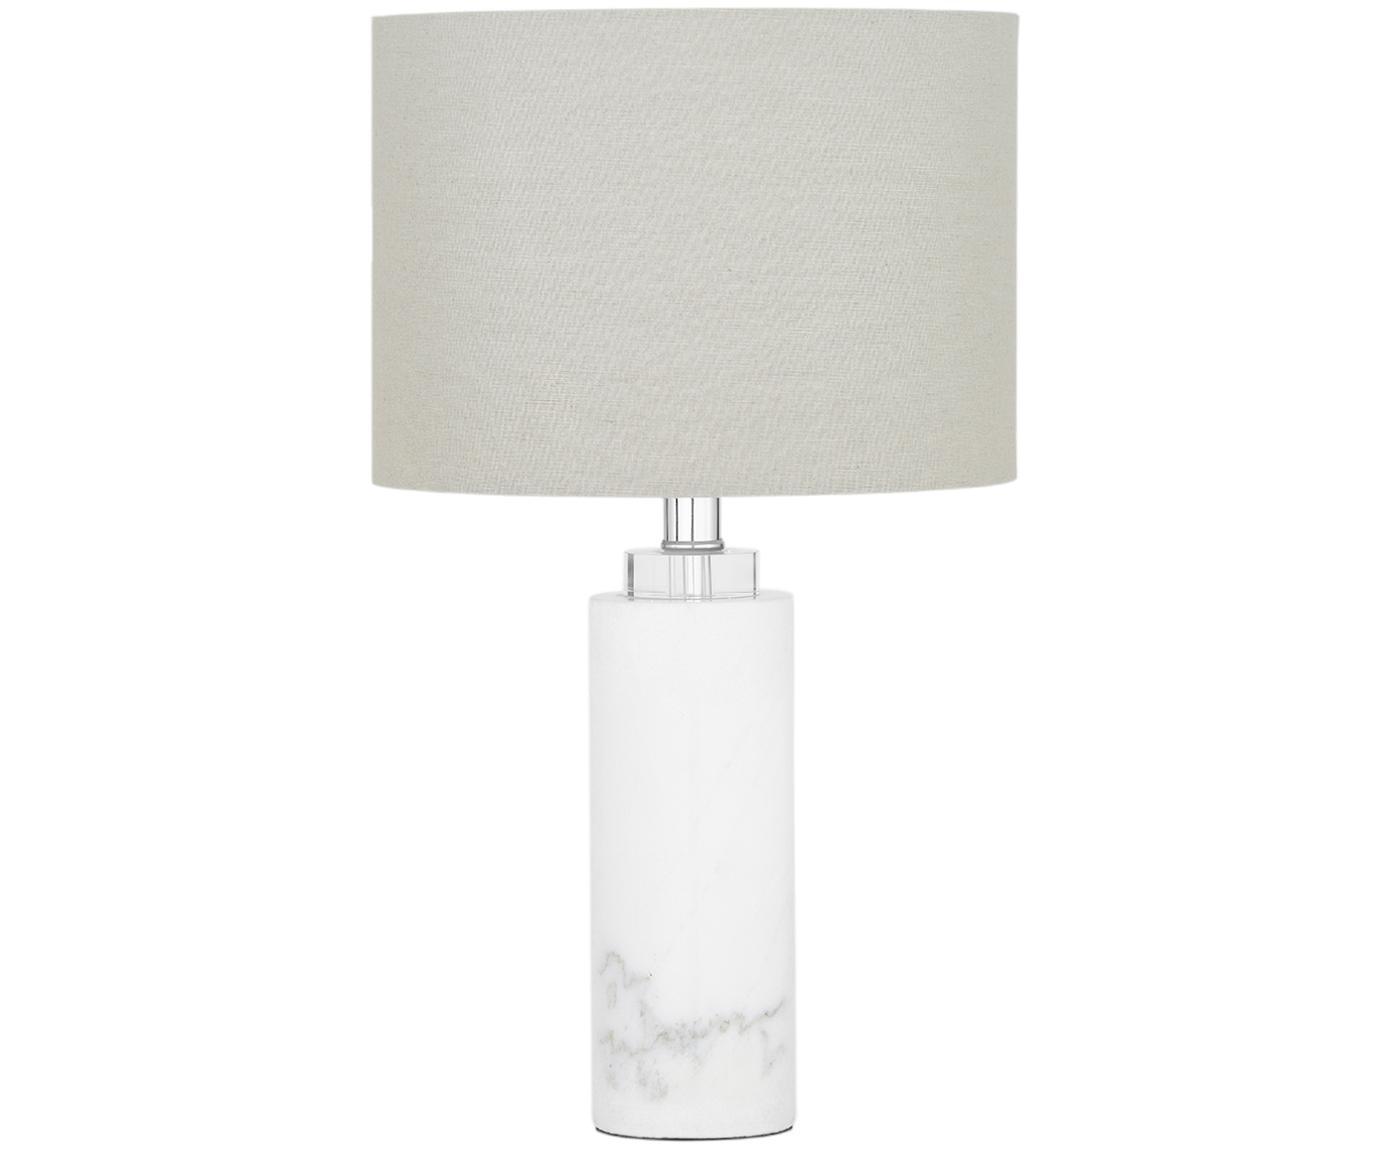 Marmor-Tischleuchte Miranda, Lampenschirm: Textil, Lampenfuß: Marmor, Kristall, Weiß, Ø 28 x H 48 cm